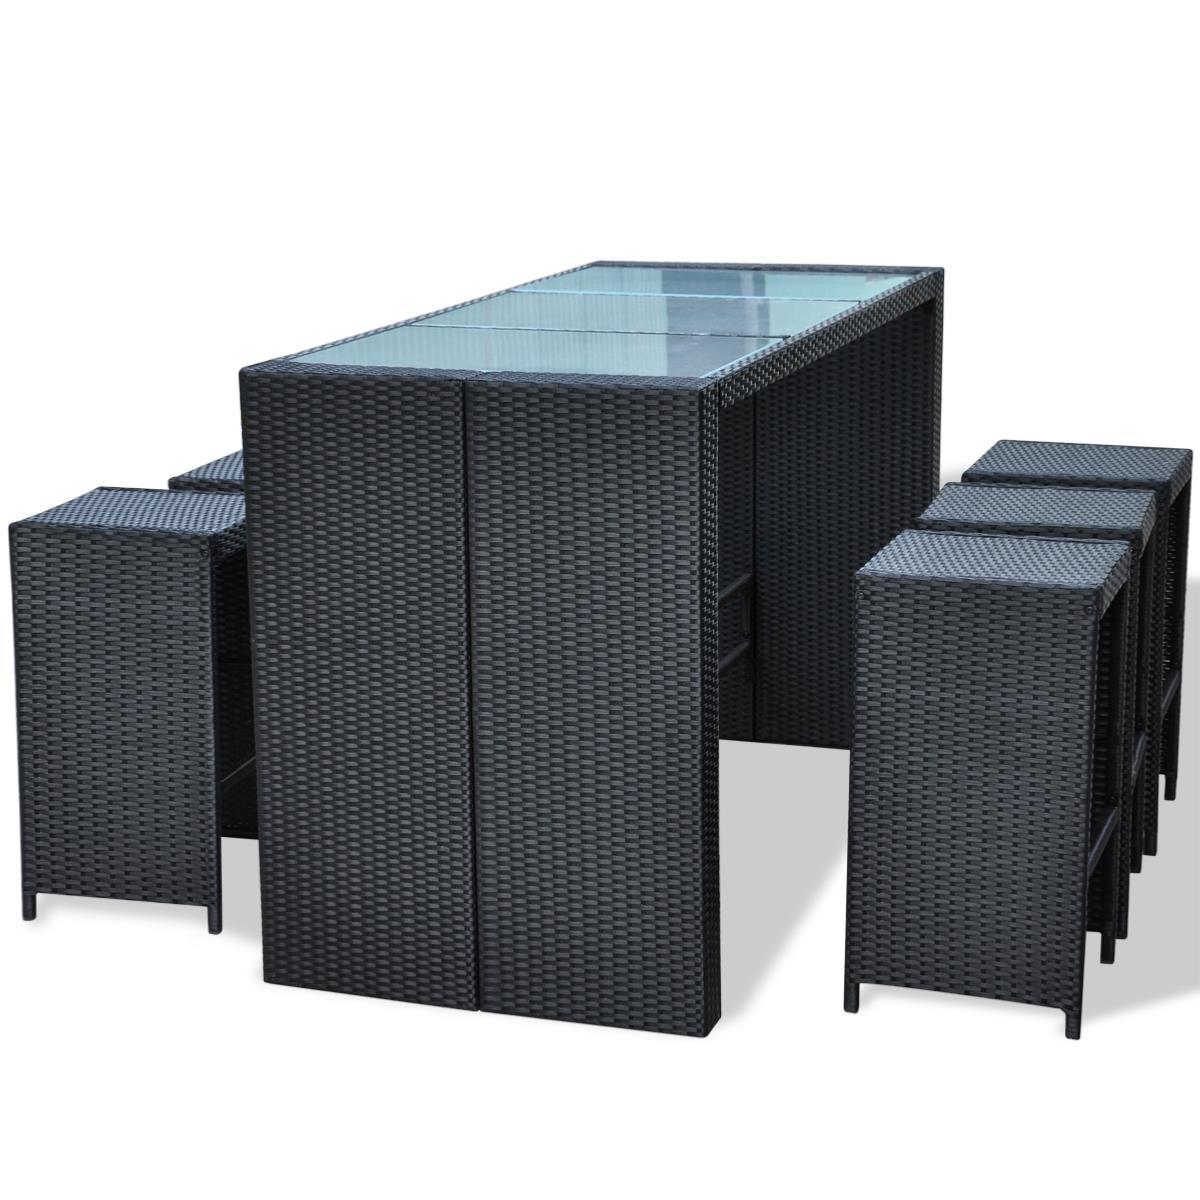 bar jardin r sine tress e noir et plateau verre 6 places. Black Bedroom Furniture Sets. Home Design Ideas